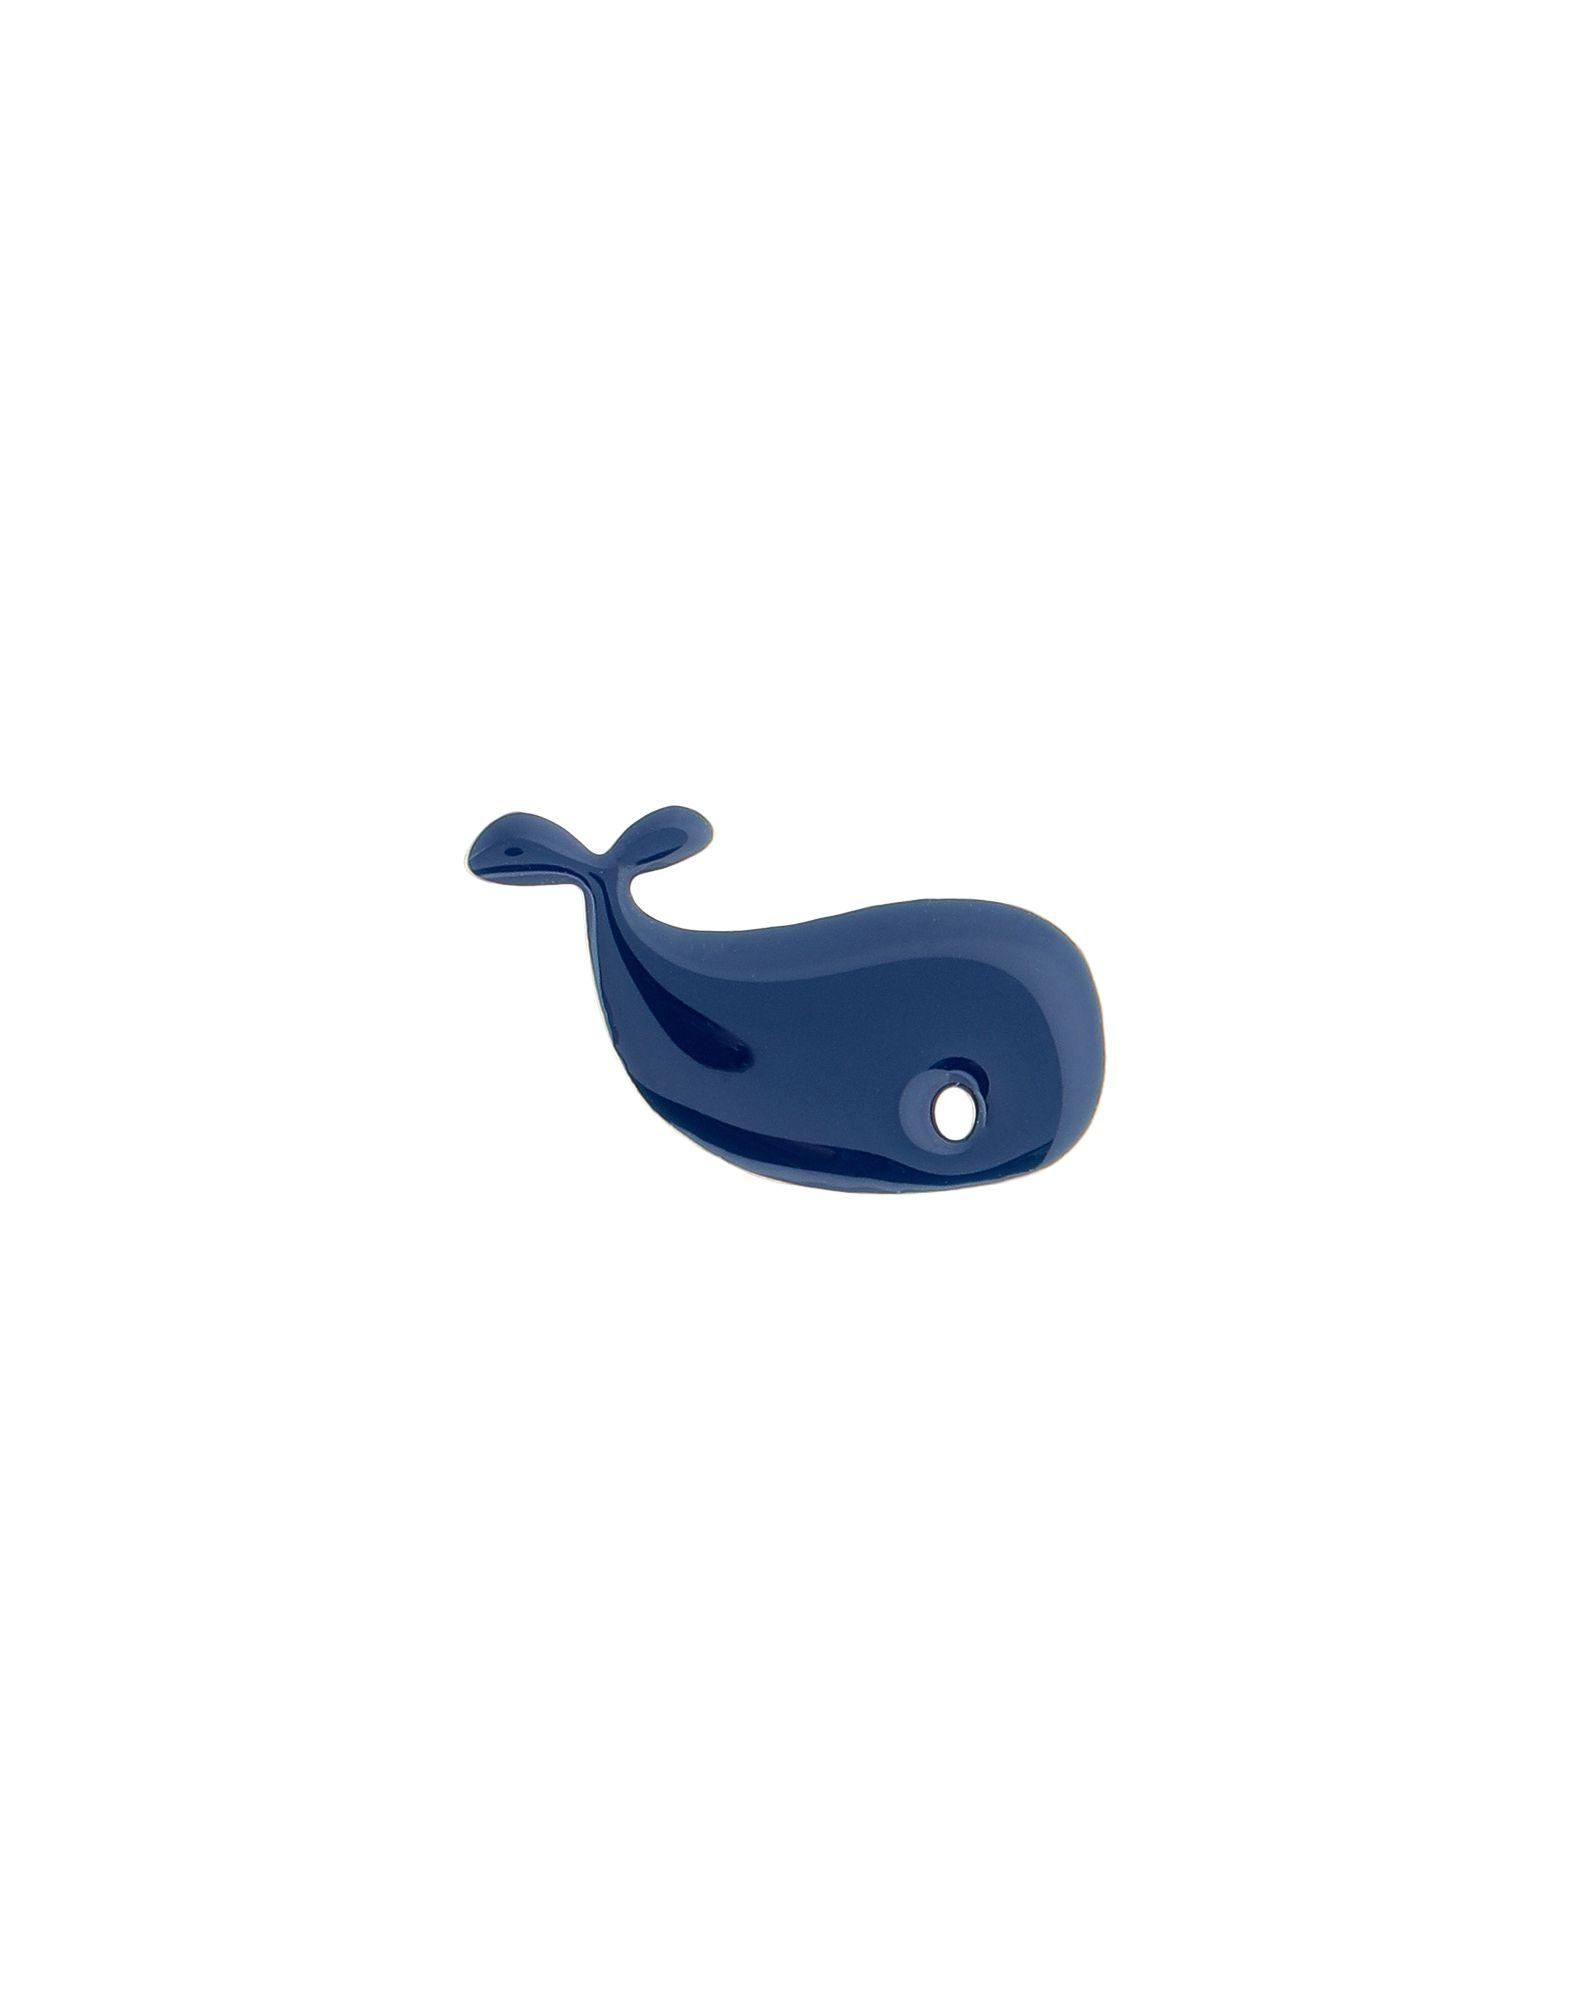 《セール開催中》TITLEE レディース ブローチ ダークブルー 真鍮/ブラス / エナメル